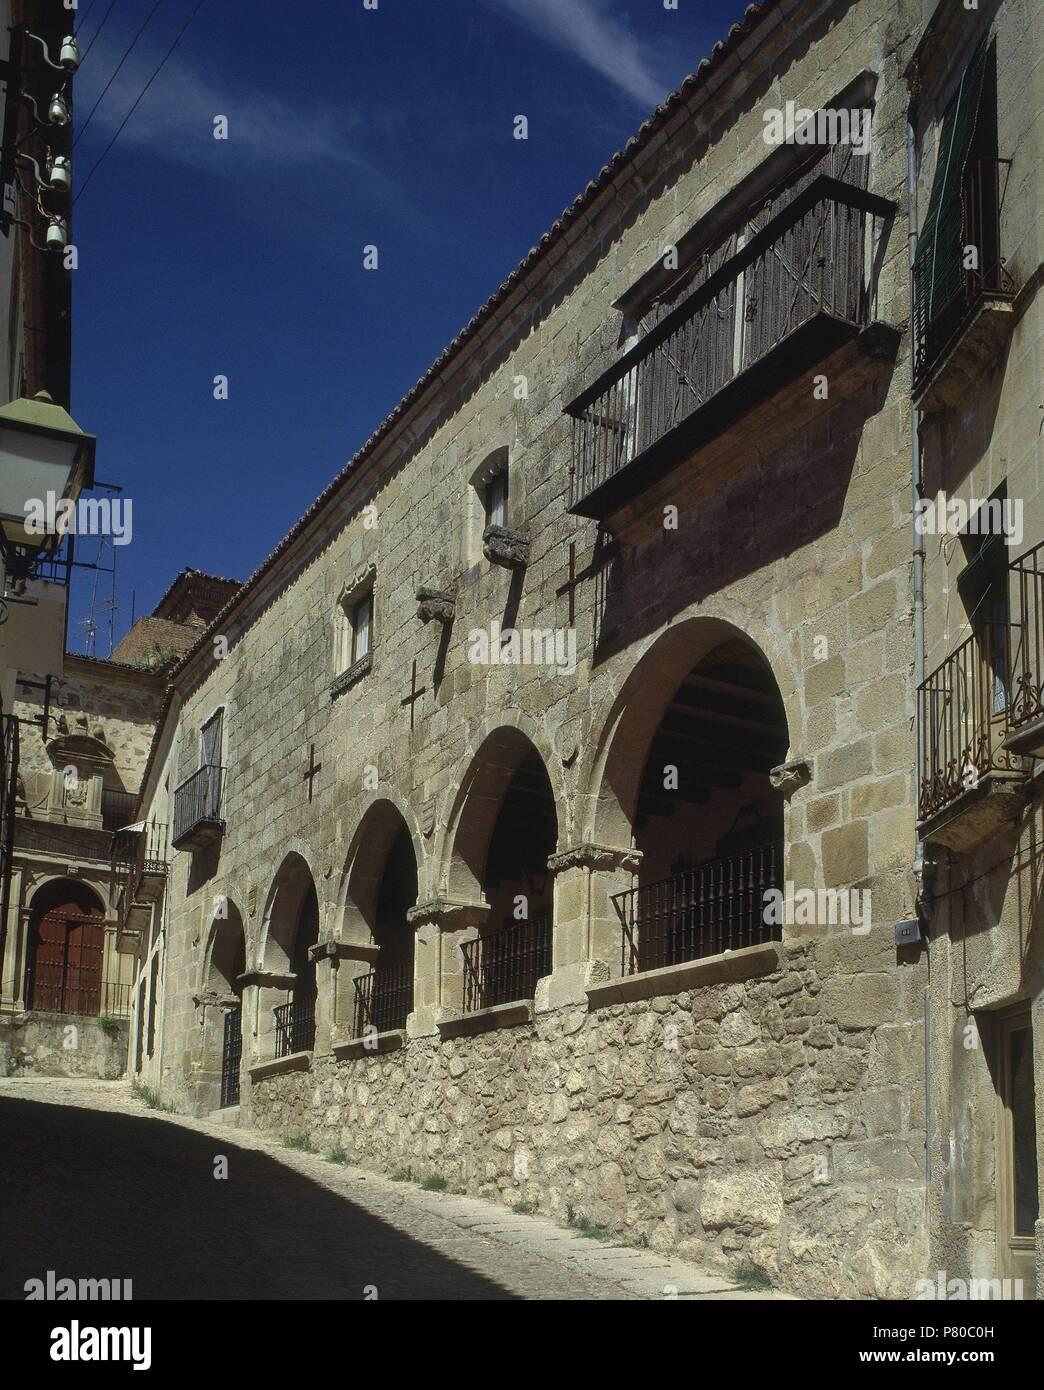 Casa Con Arcos En La Fachada Location Exterior Trujillo Caceres